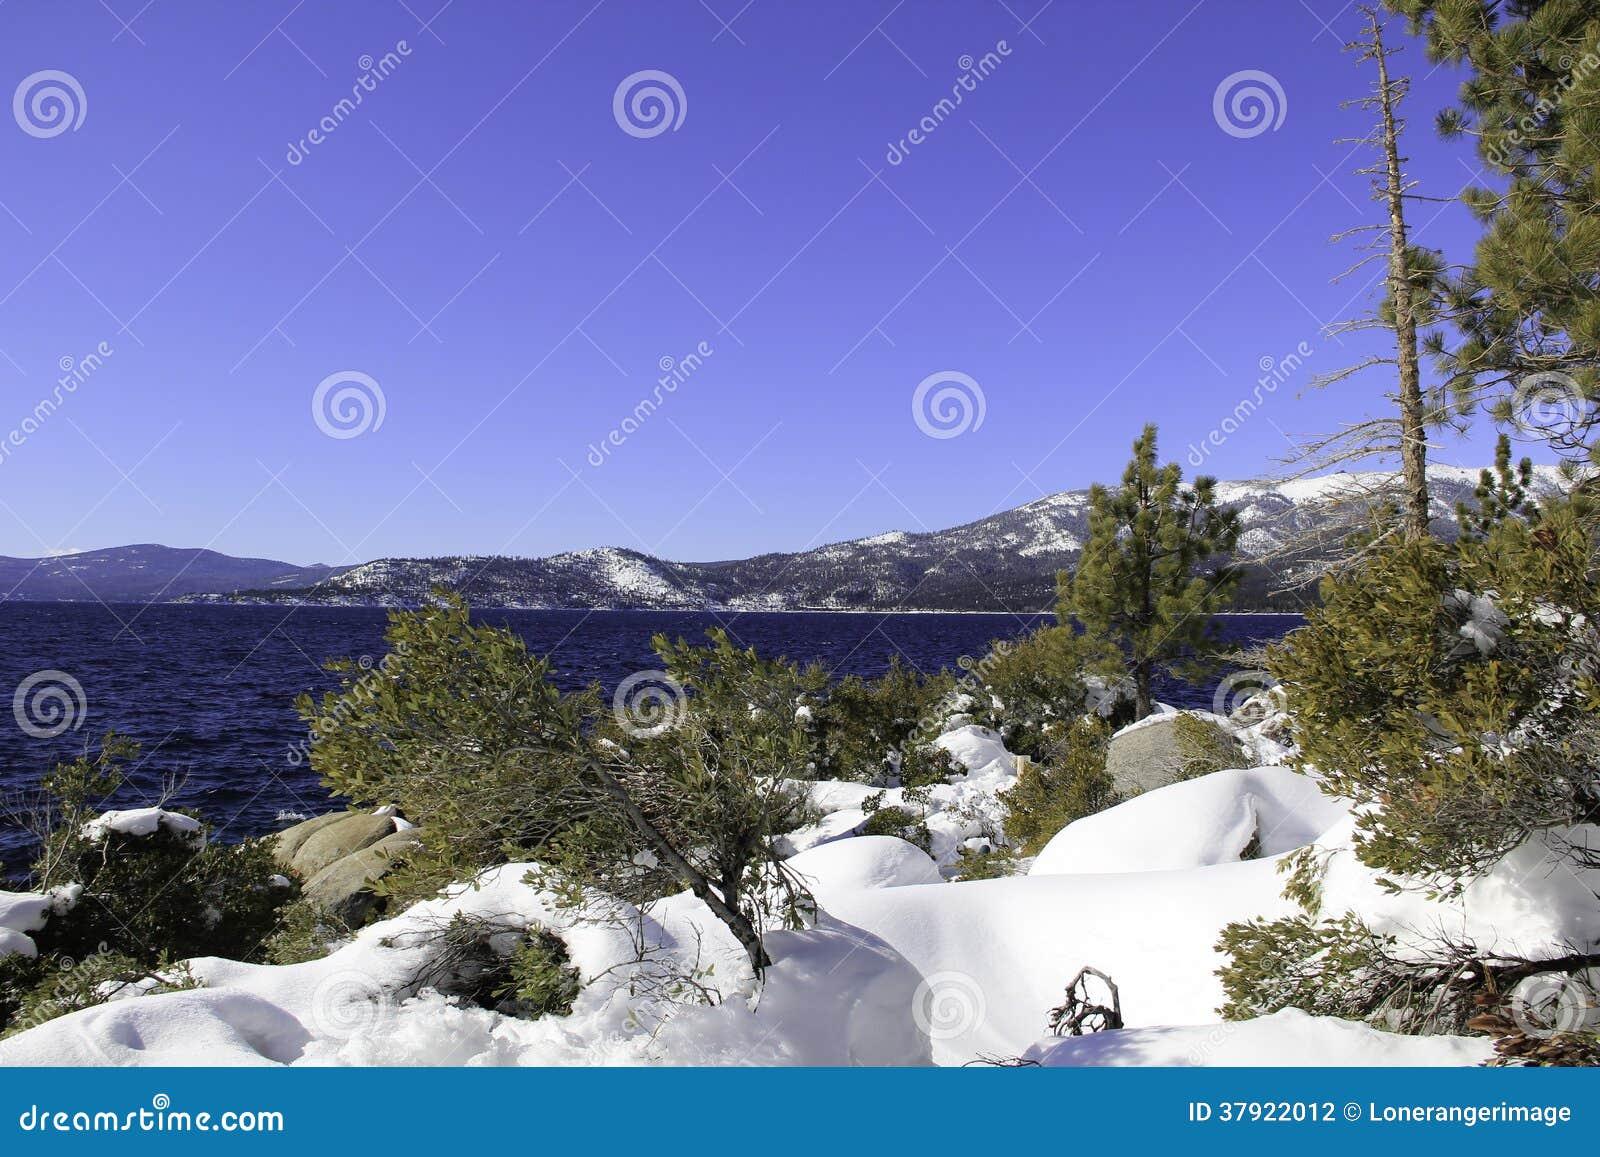 Meer Tahoe - Meer met Sneeuw